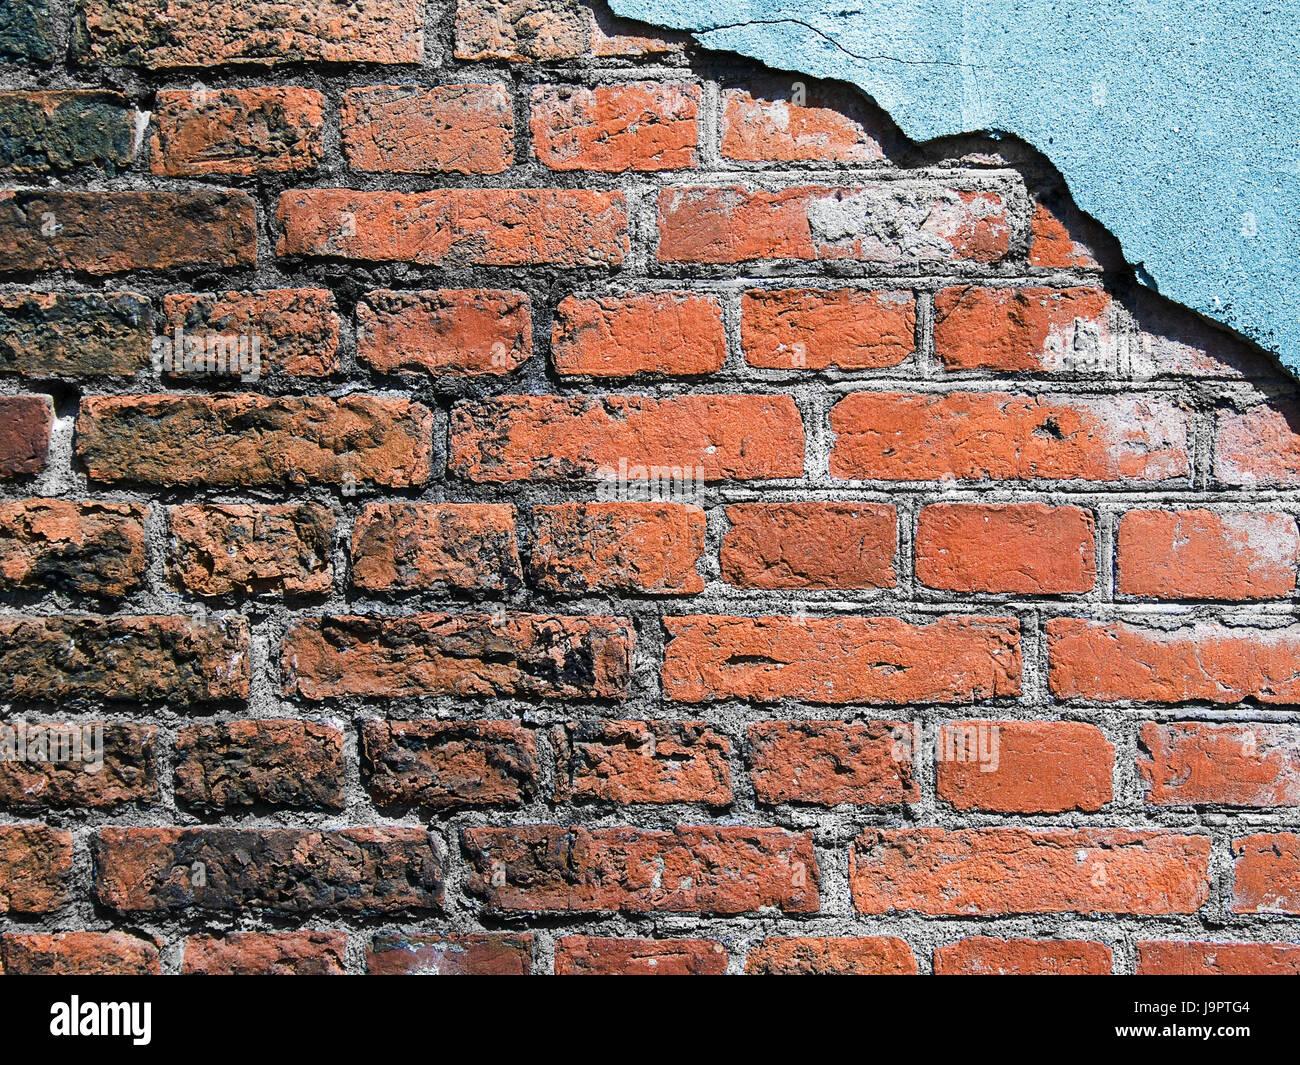 Mattone Muro Difensivo Goccia Rosso Intonaco Blu Medium Close Up